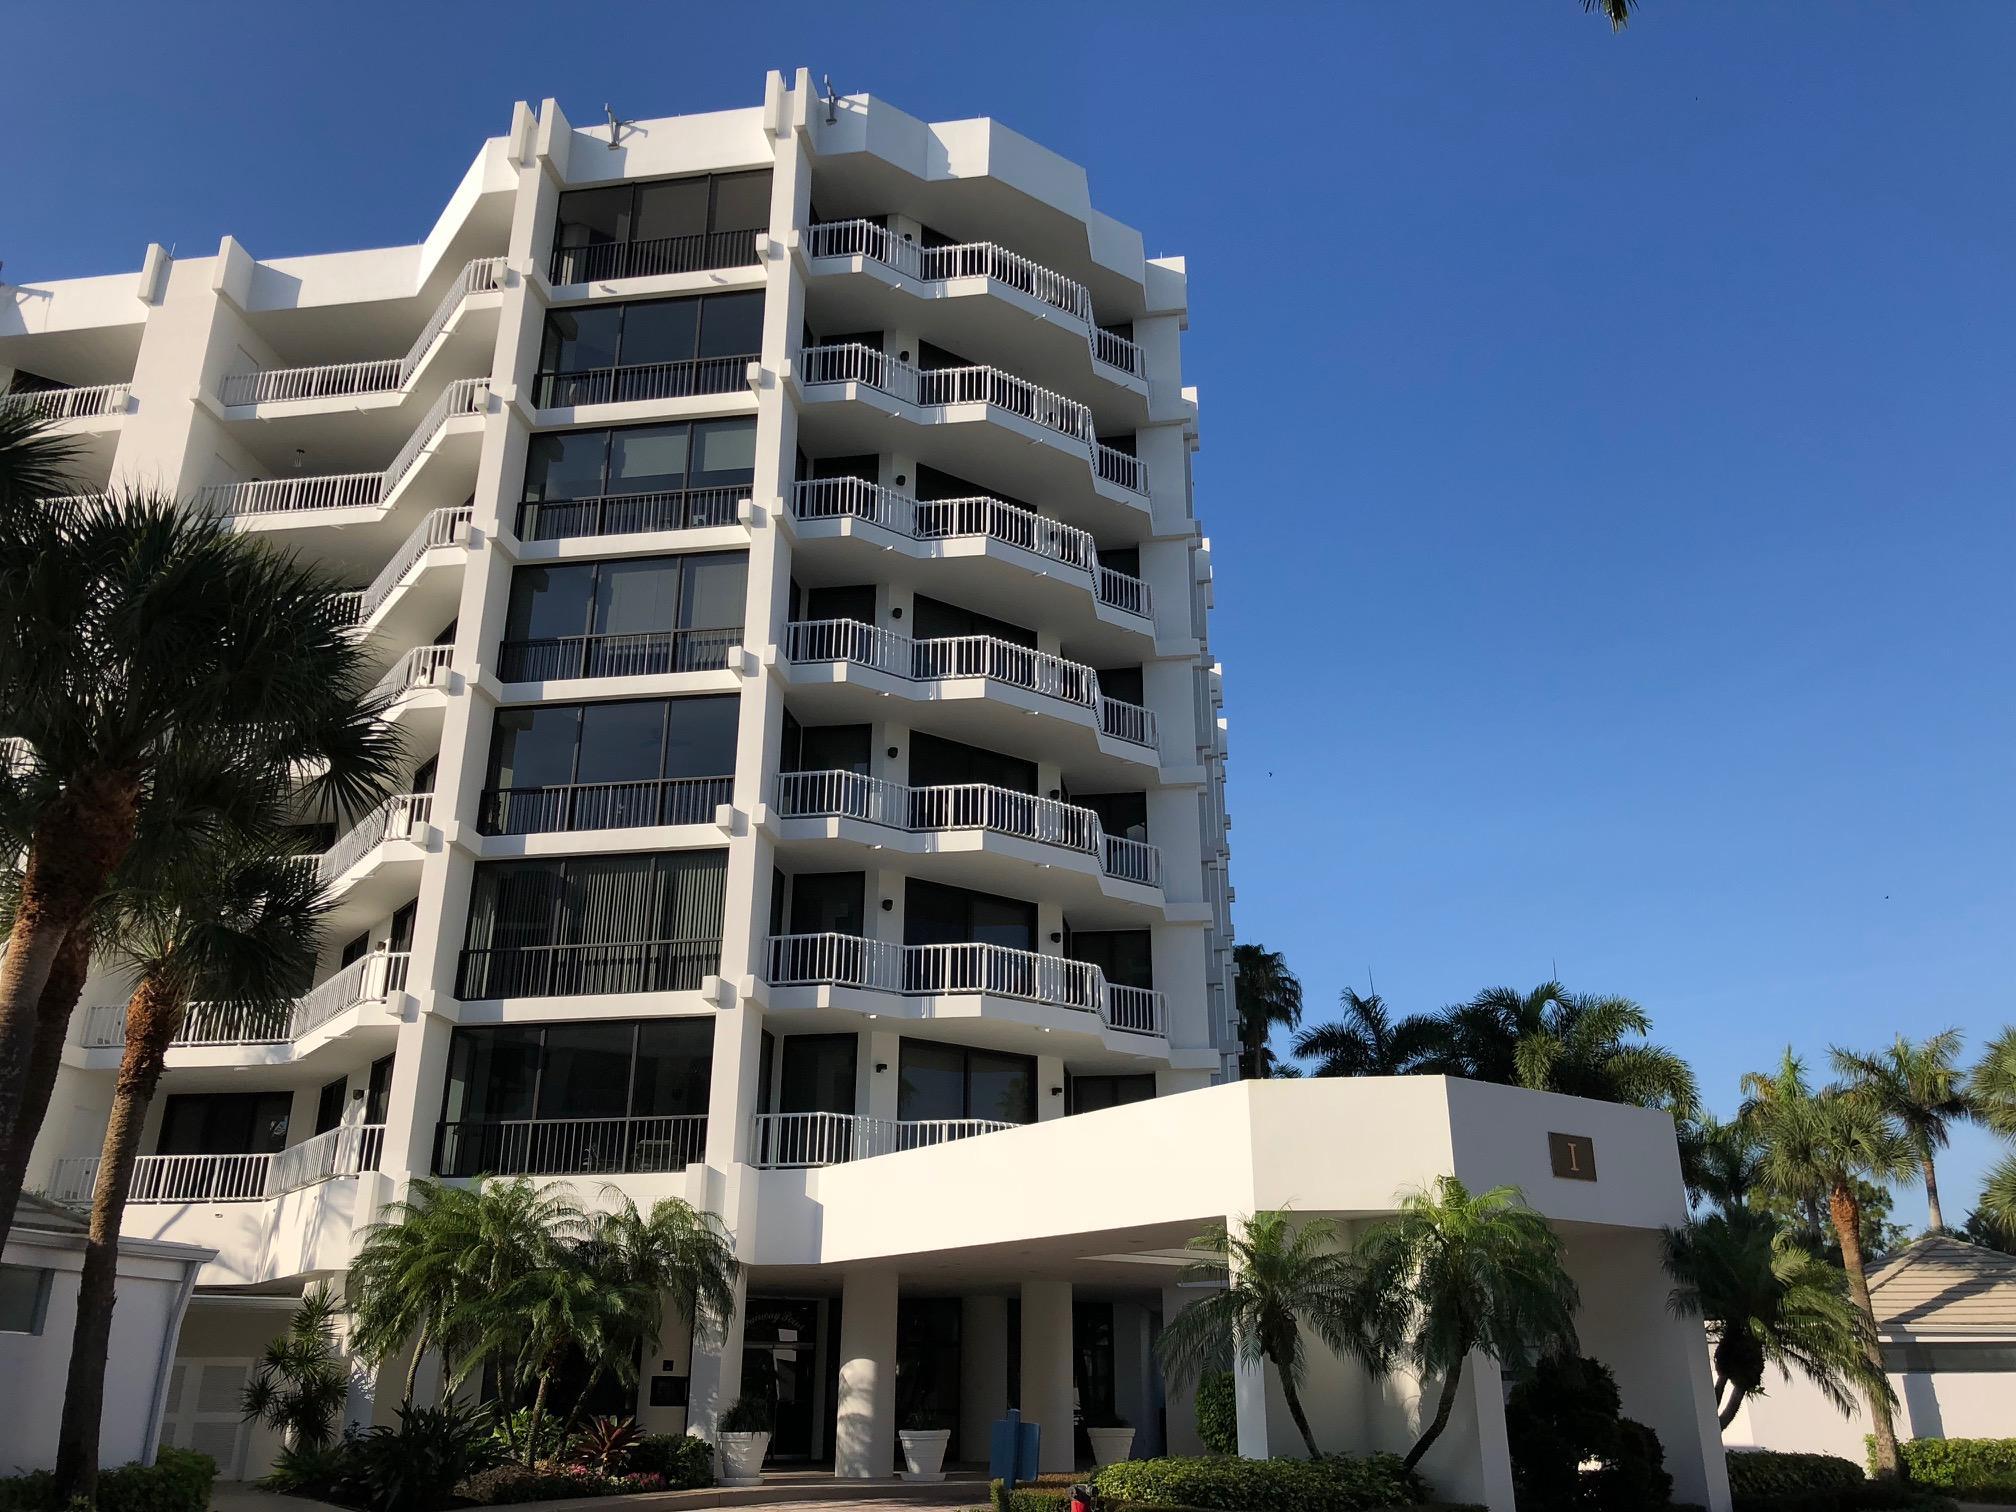 20310 Fairway Oaks Drive #183 Boca Raton, FL 33434